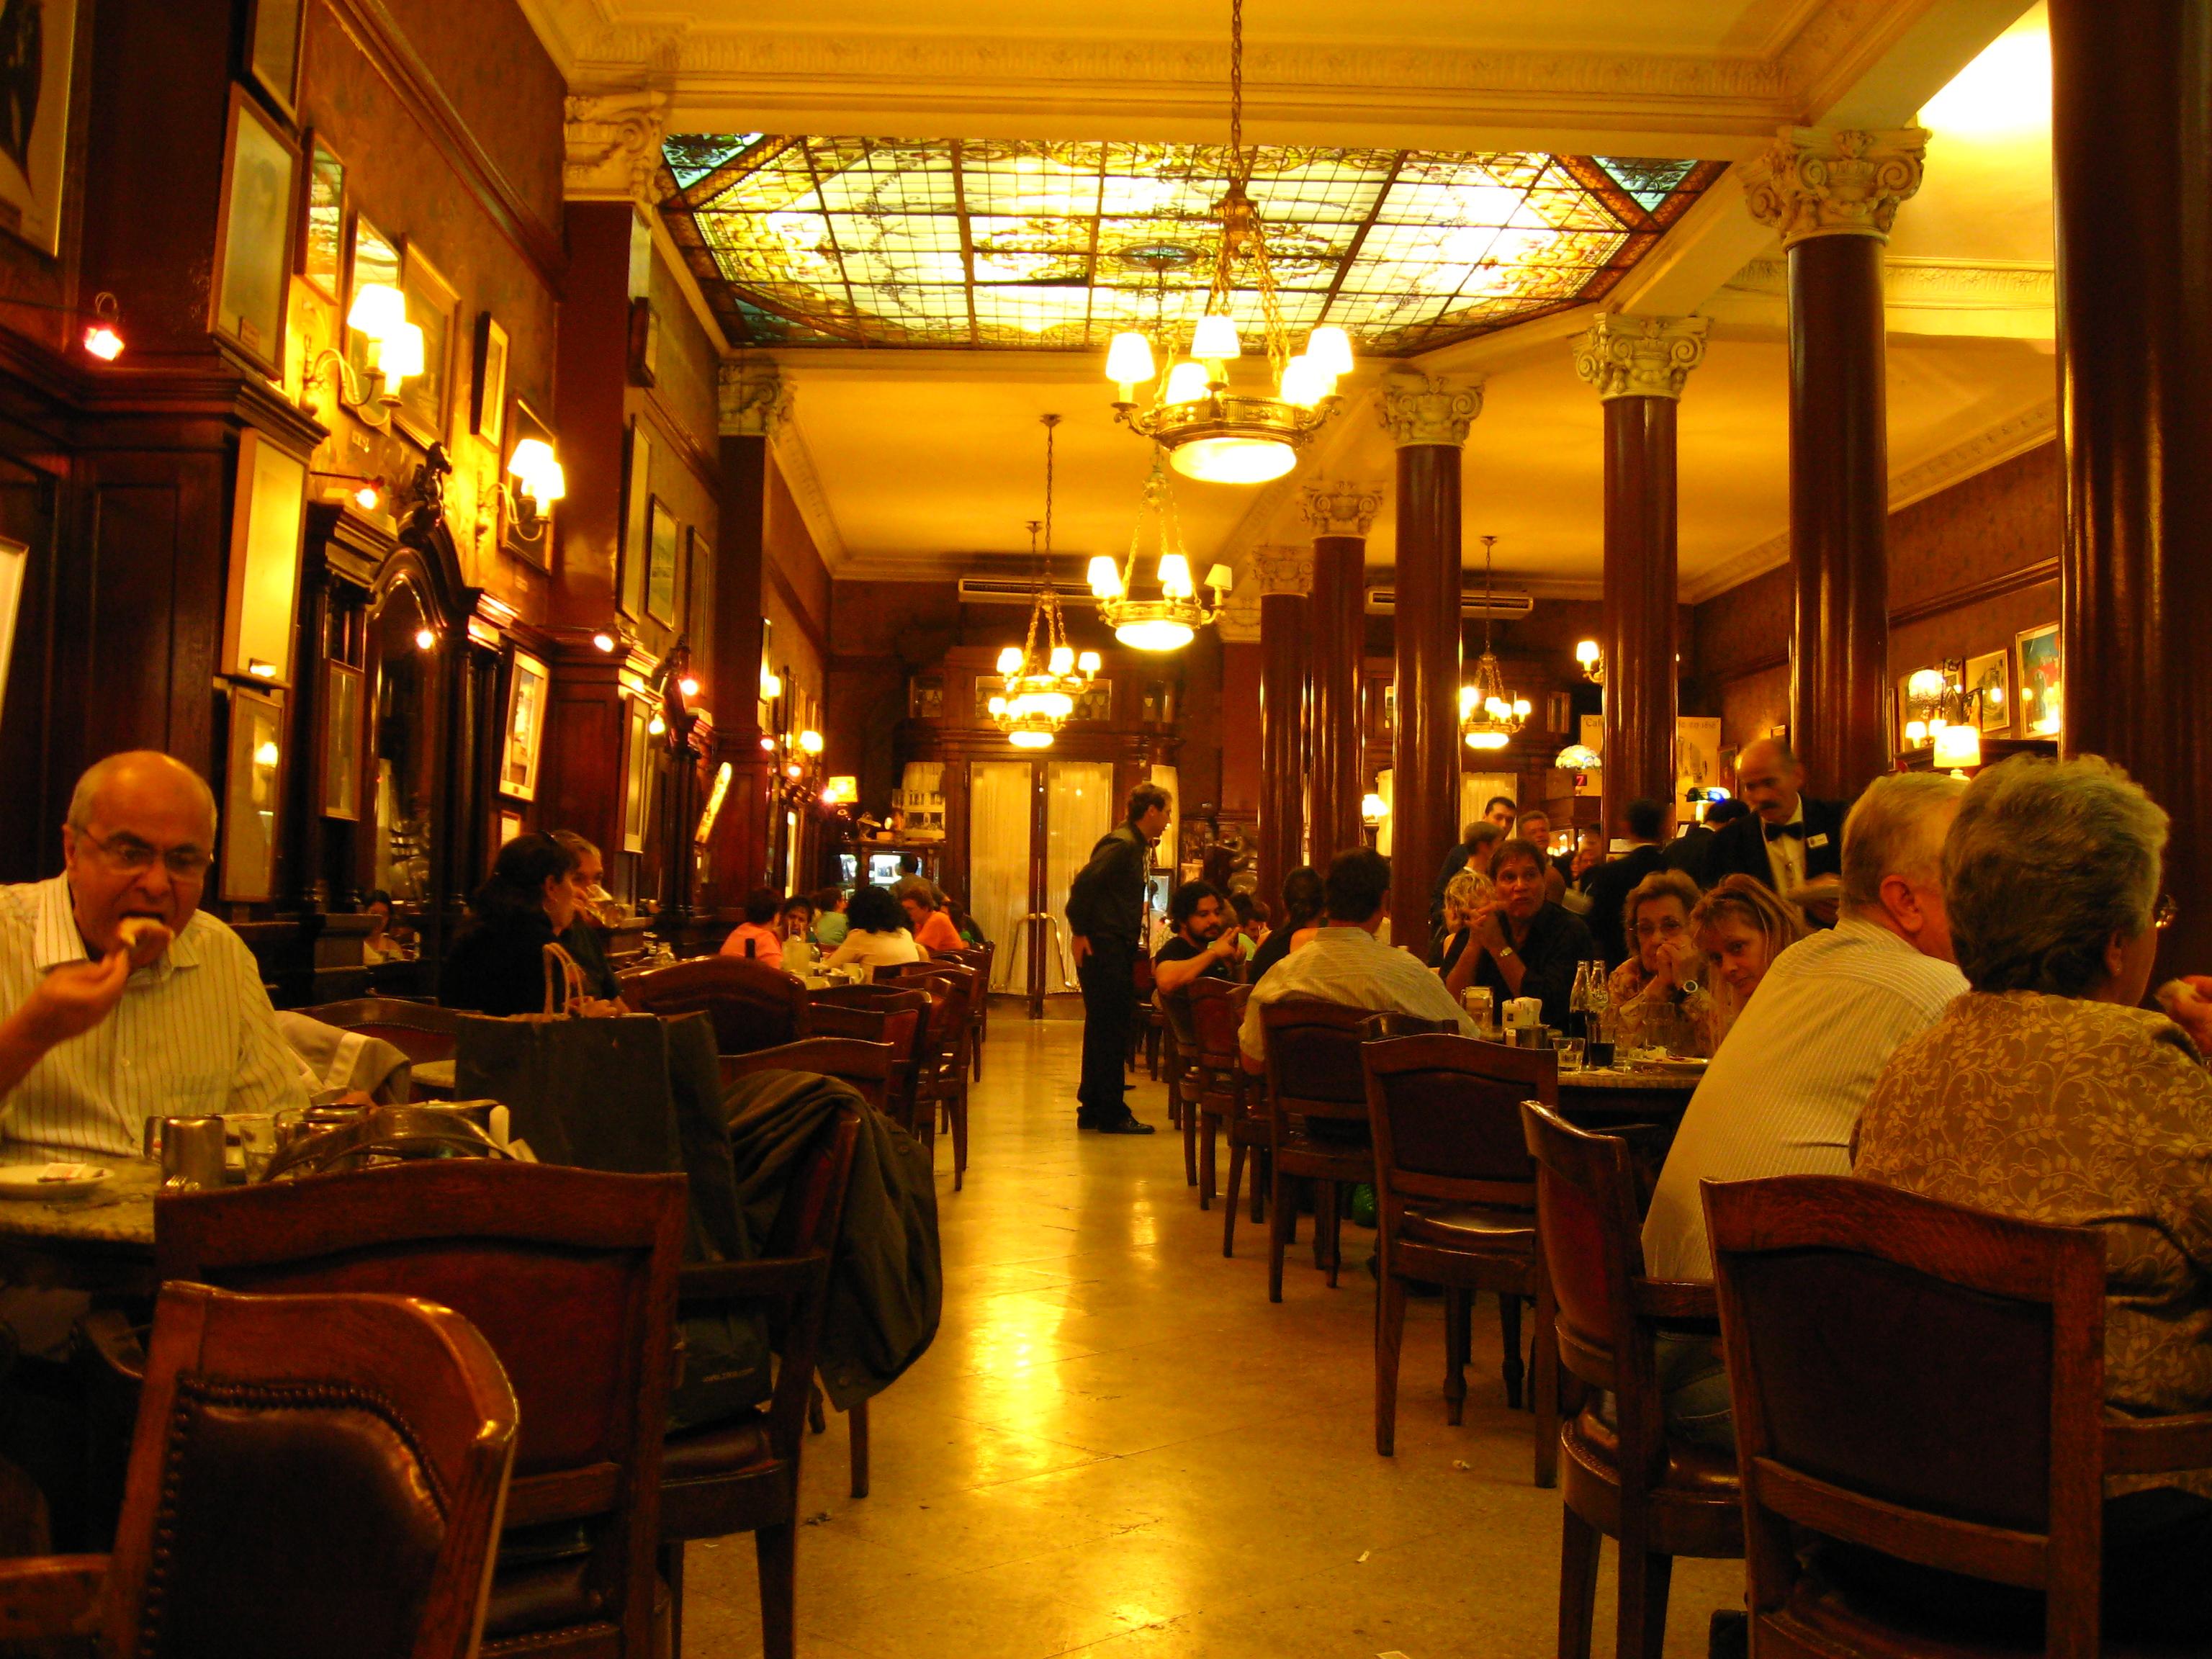 O Café Tortoni, um dos mais tradicionais (e mais turísticos) de Buenos Aires